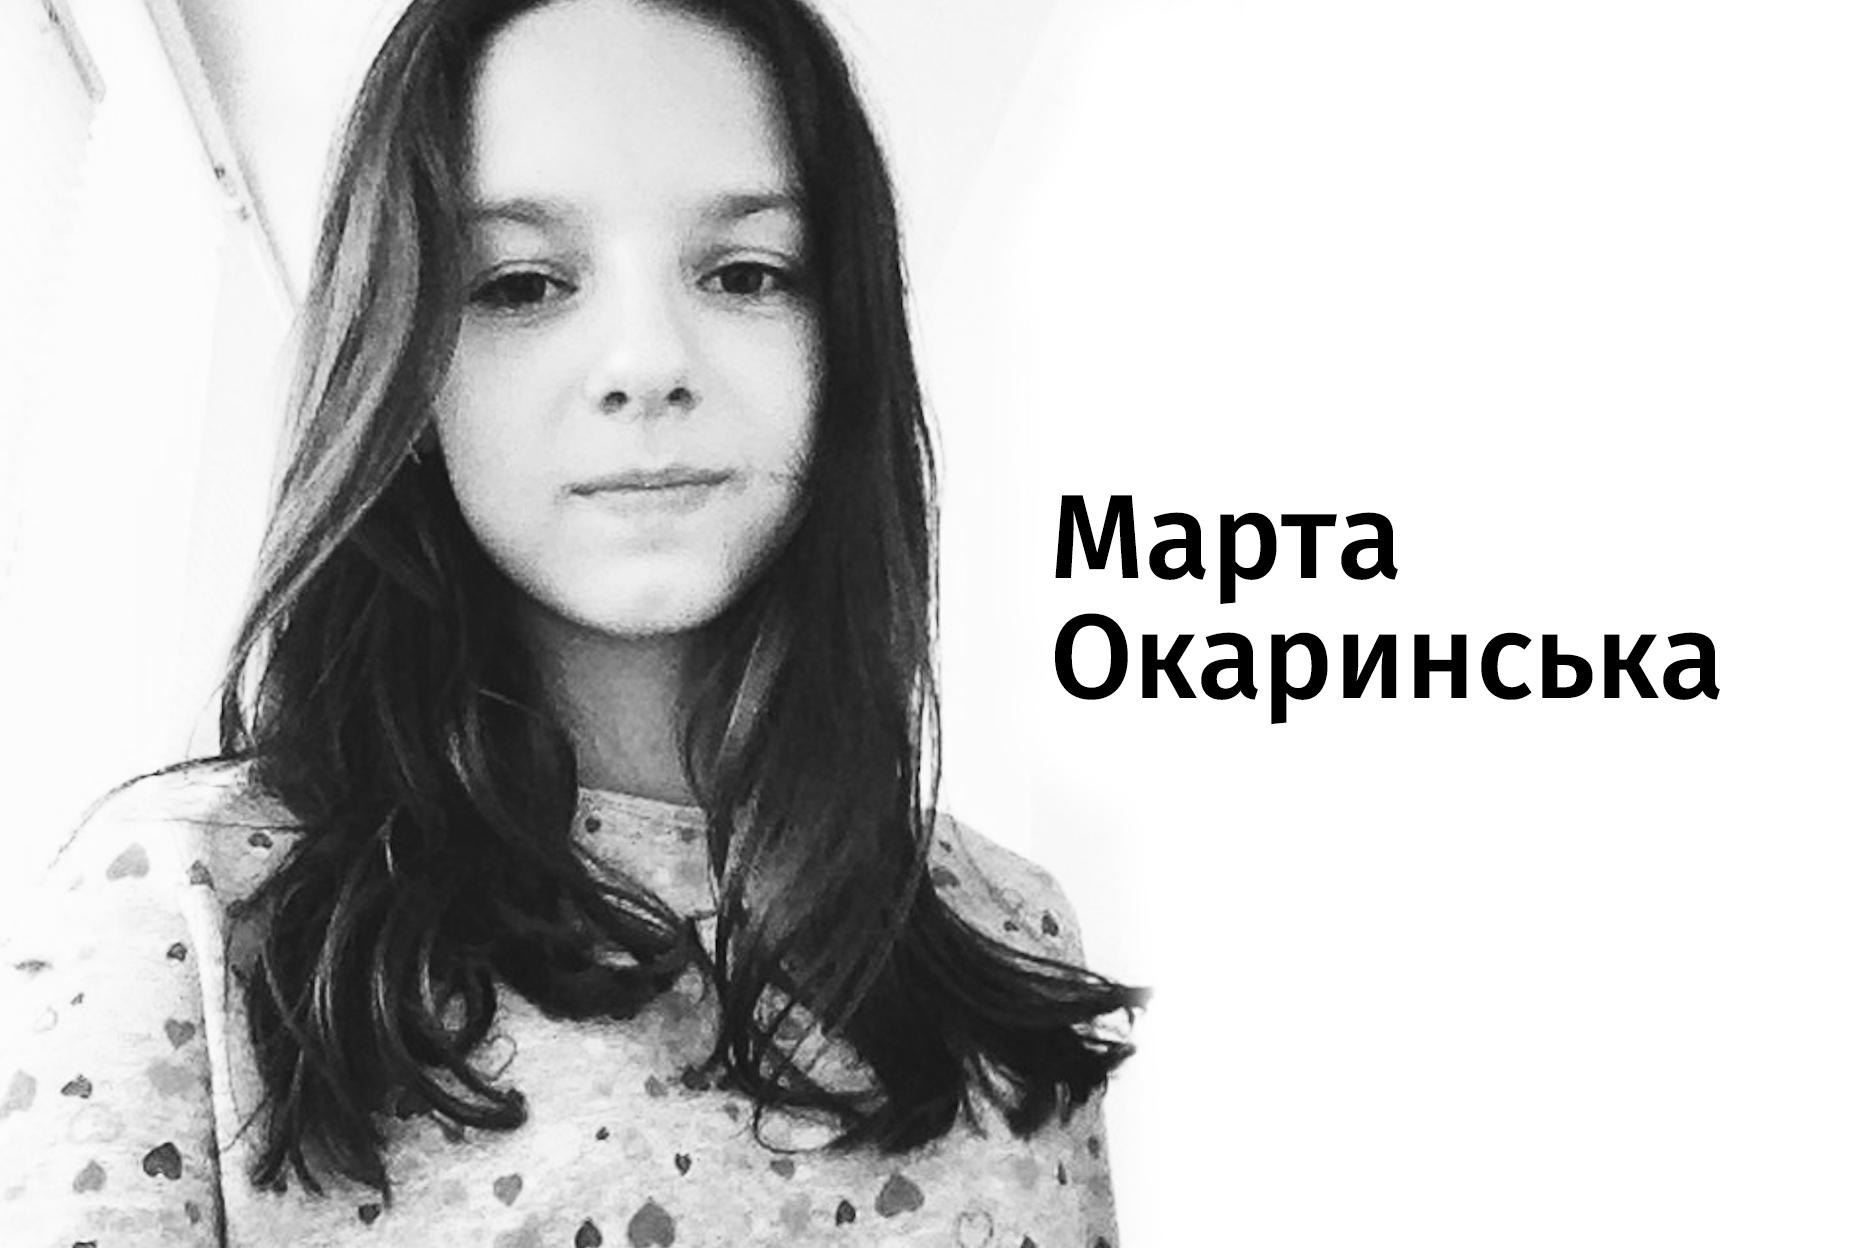 Марта Окаринська